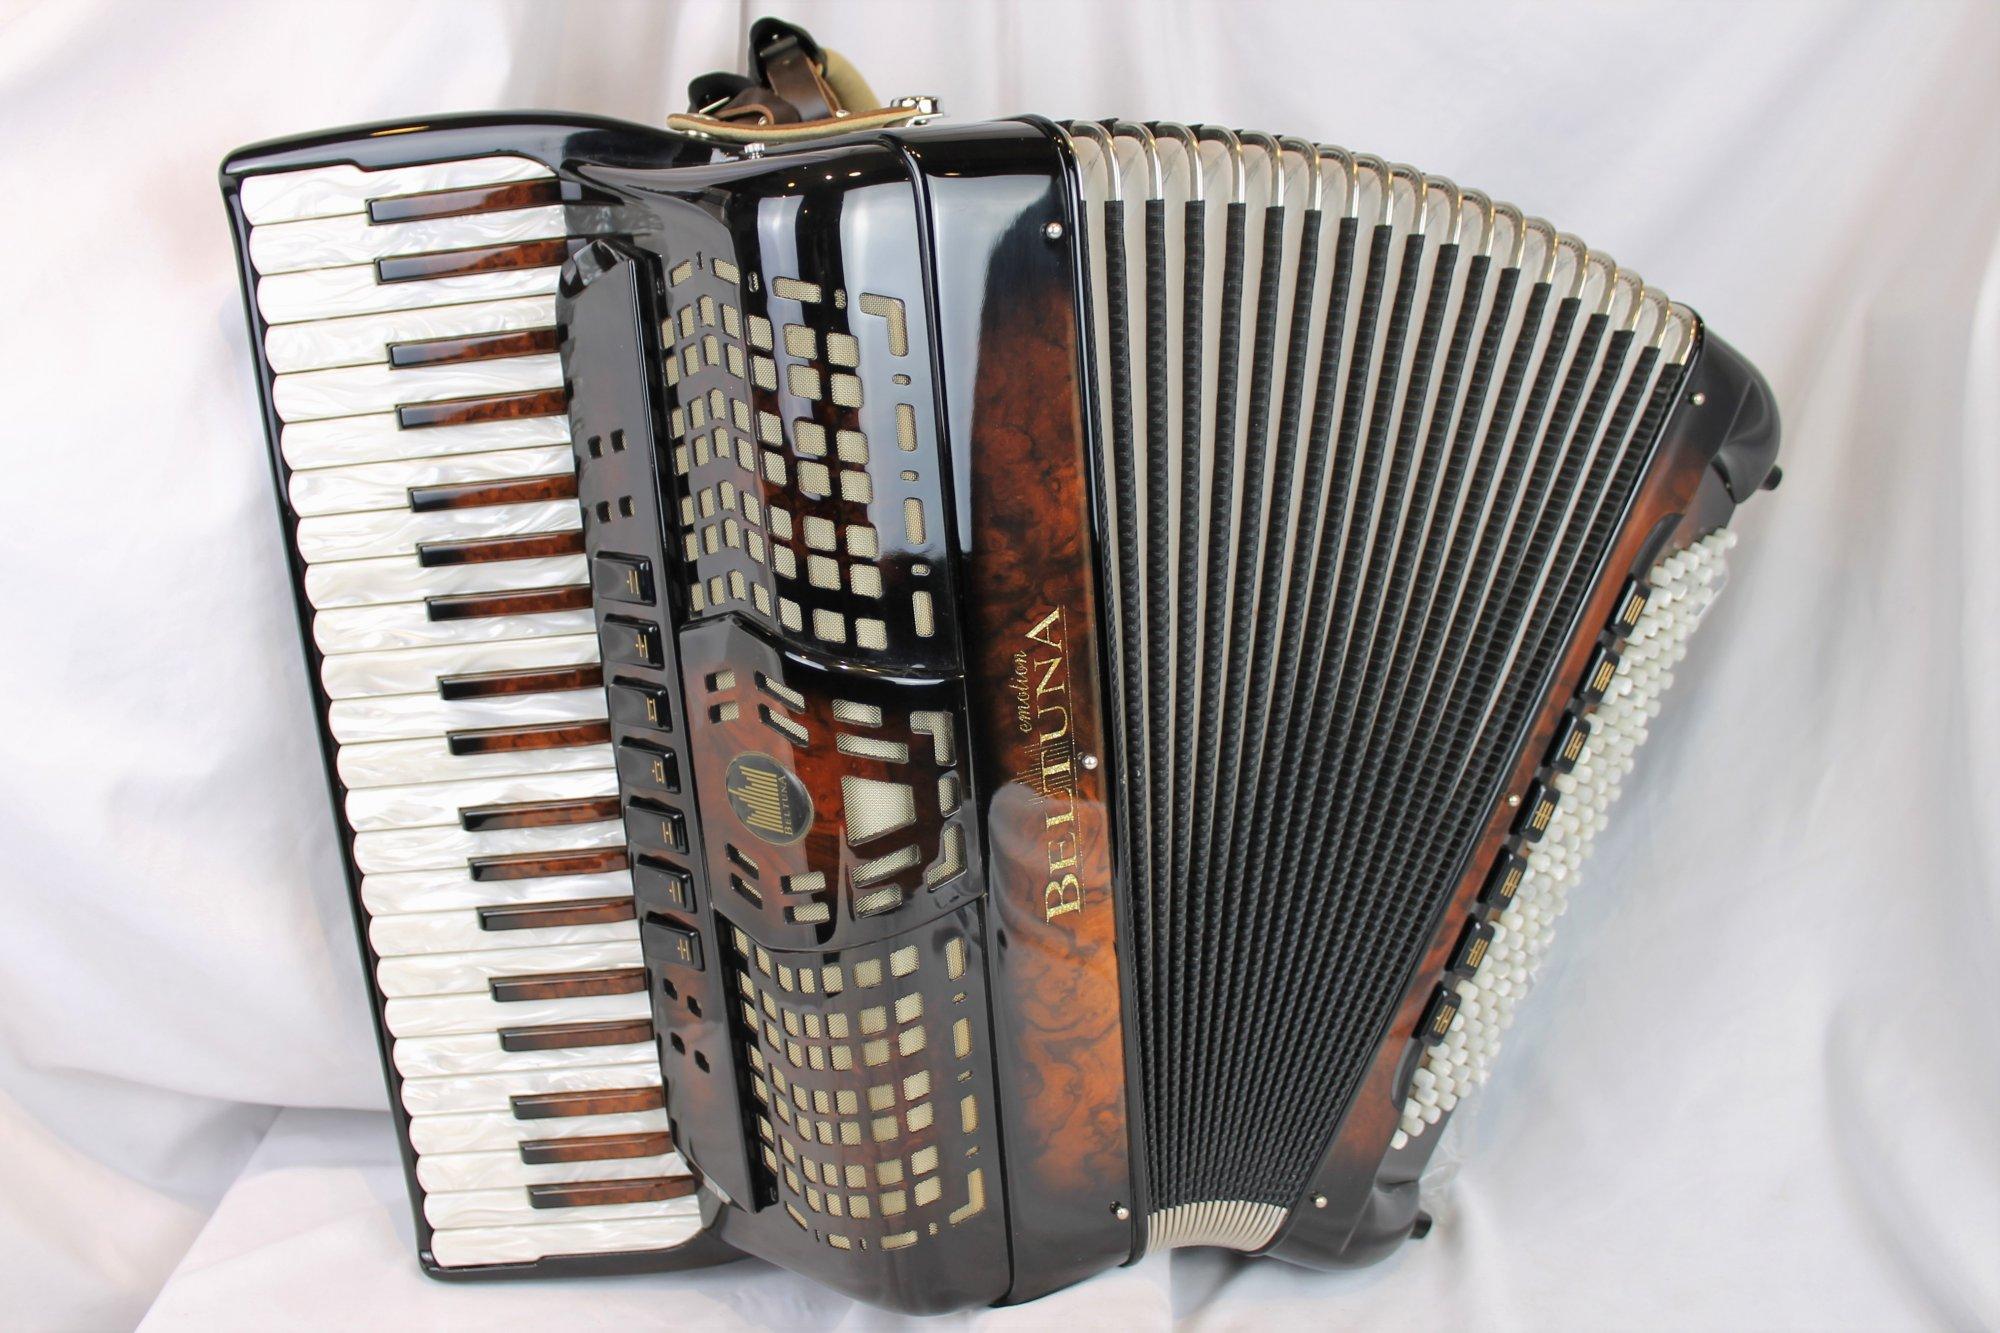 NEW Walnut Root Beltuna Prestige III Piano Accordion LMM 42 120